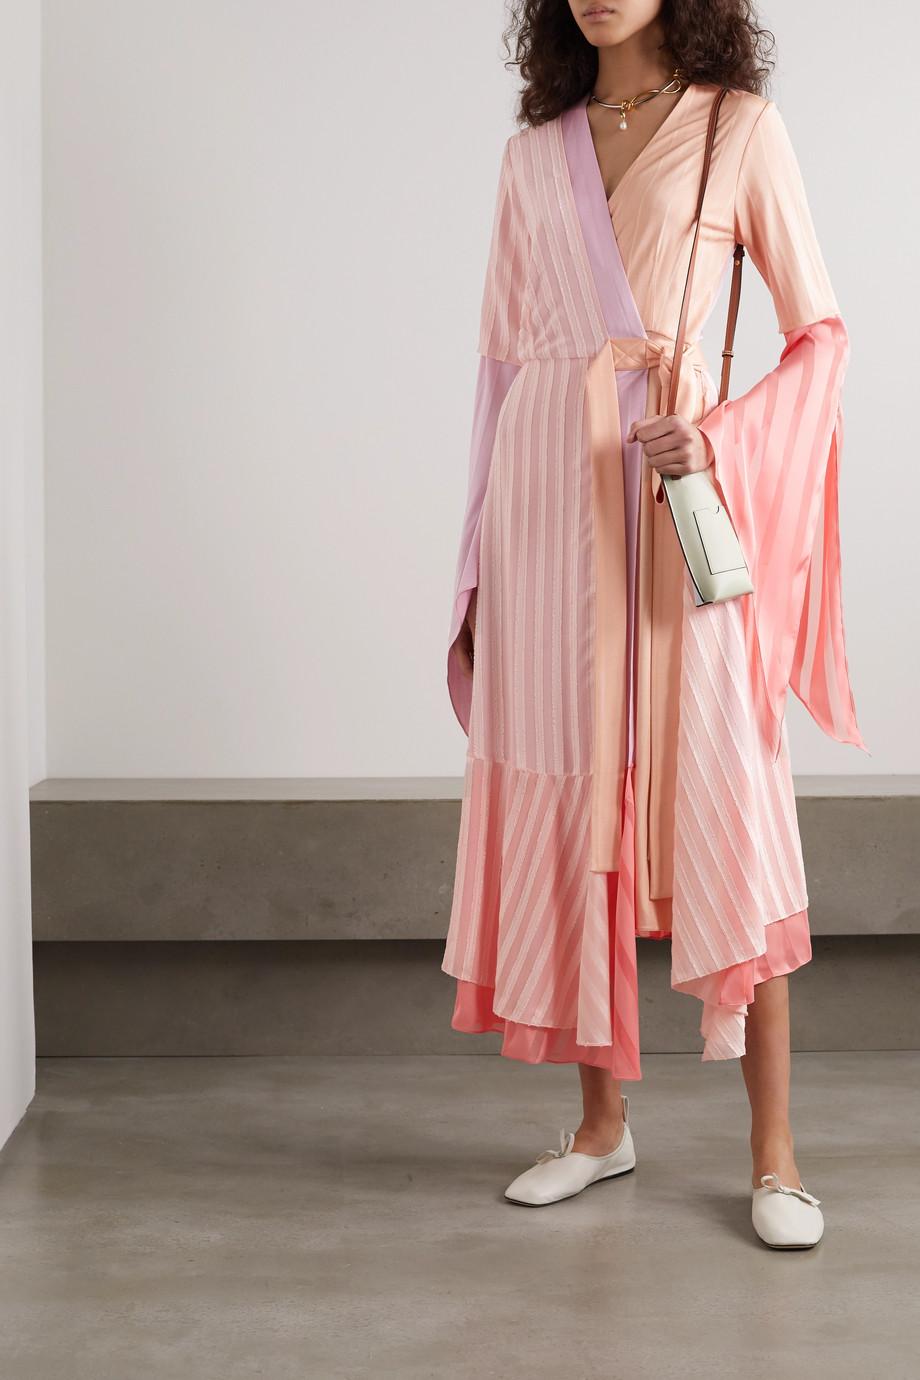 Loewe Robe portefeuille asymétrique en mailles côtelées, jacquard satiné et mousseline de soie dévorée